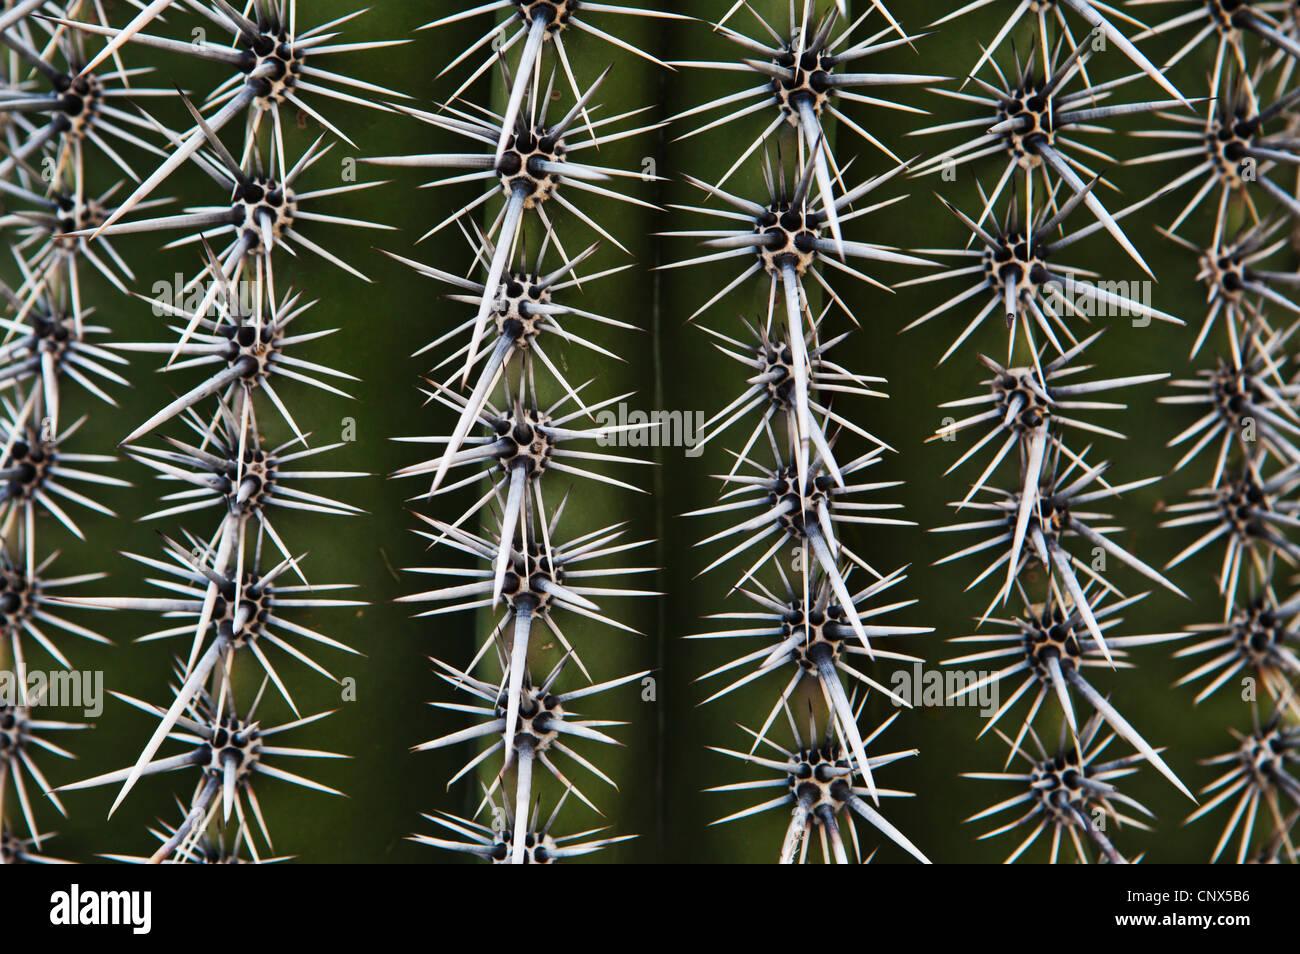 A Saguaro cactus closeup. - Stock Image